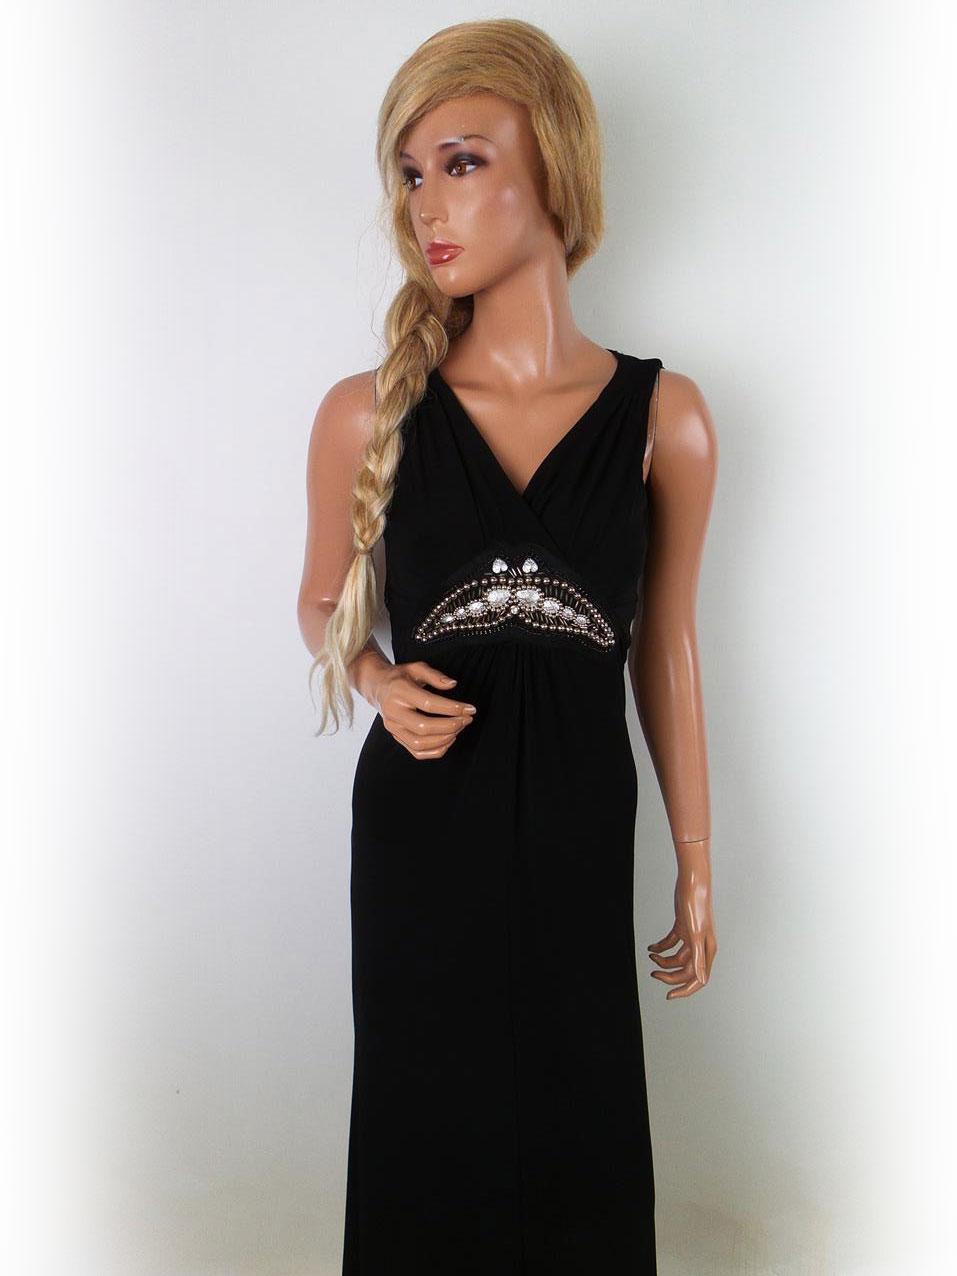 Dunnes butiker size 10 (38) Lång svart klänning pärla